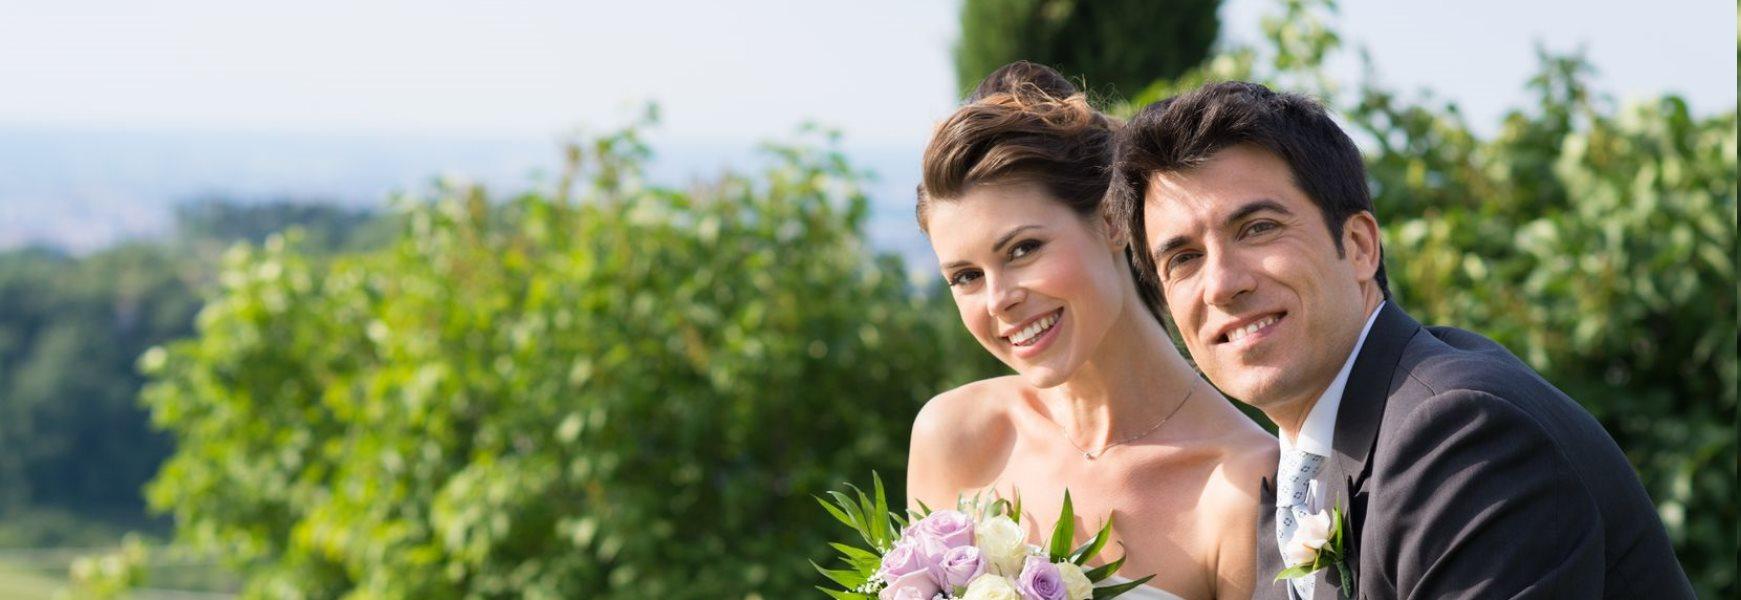 Sposa Sposo La Rocca Banchetti